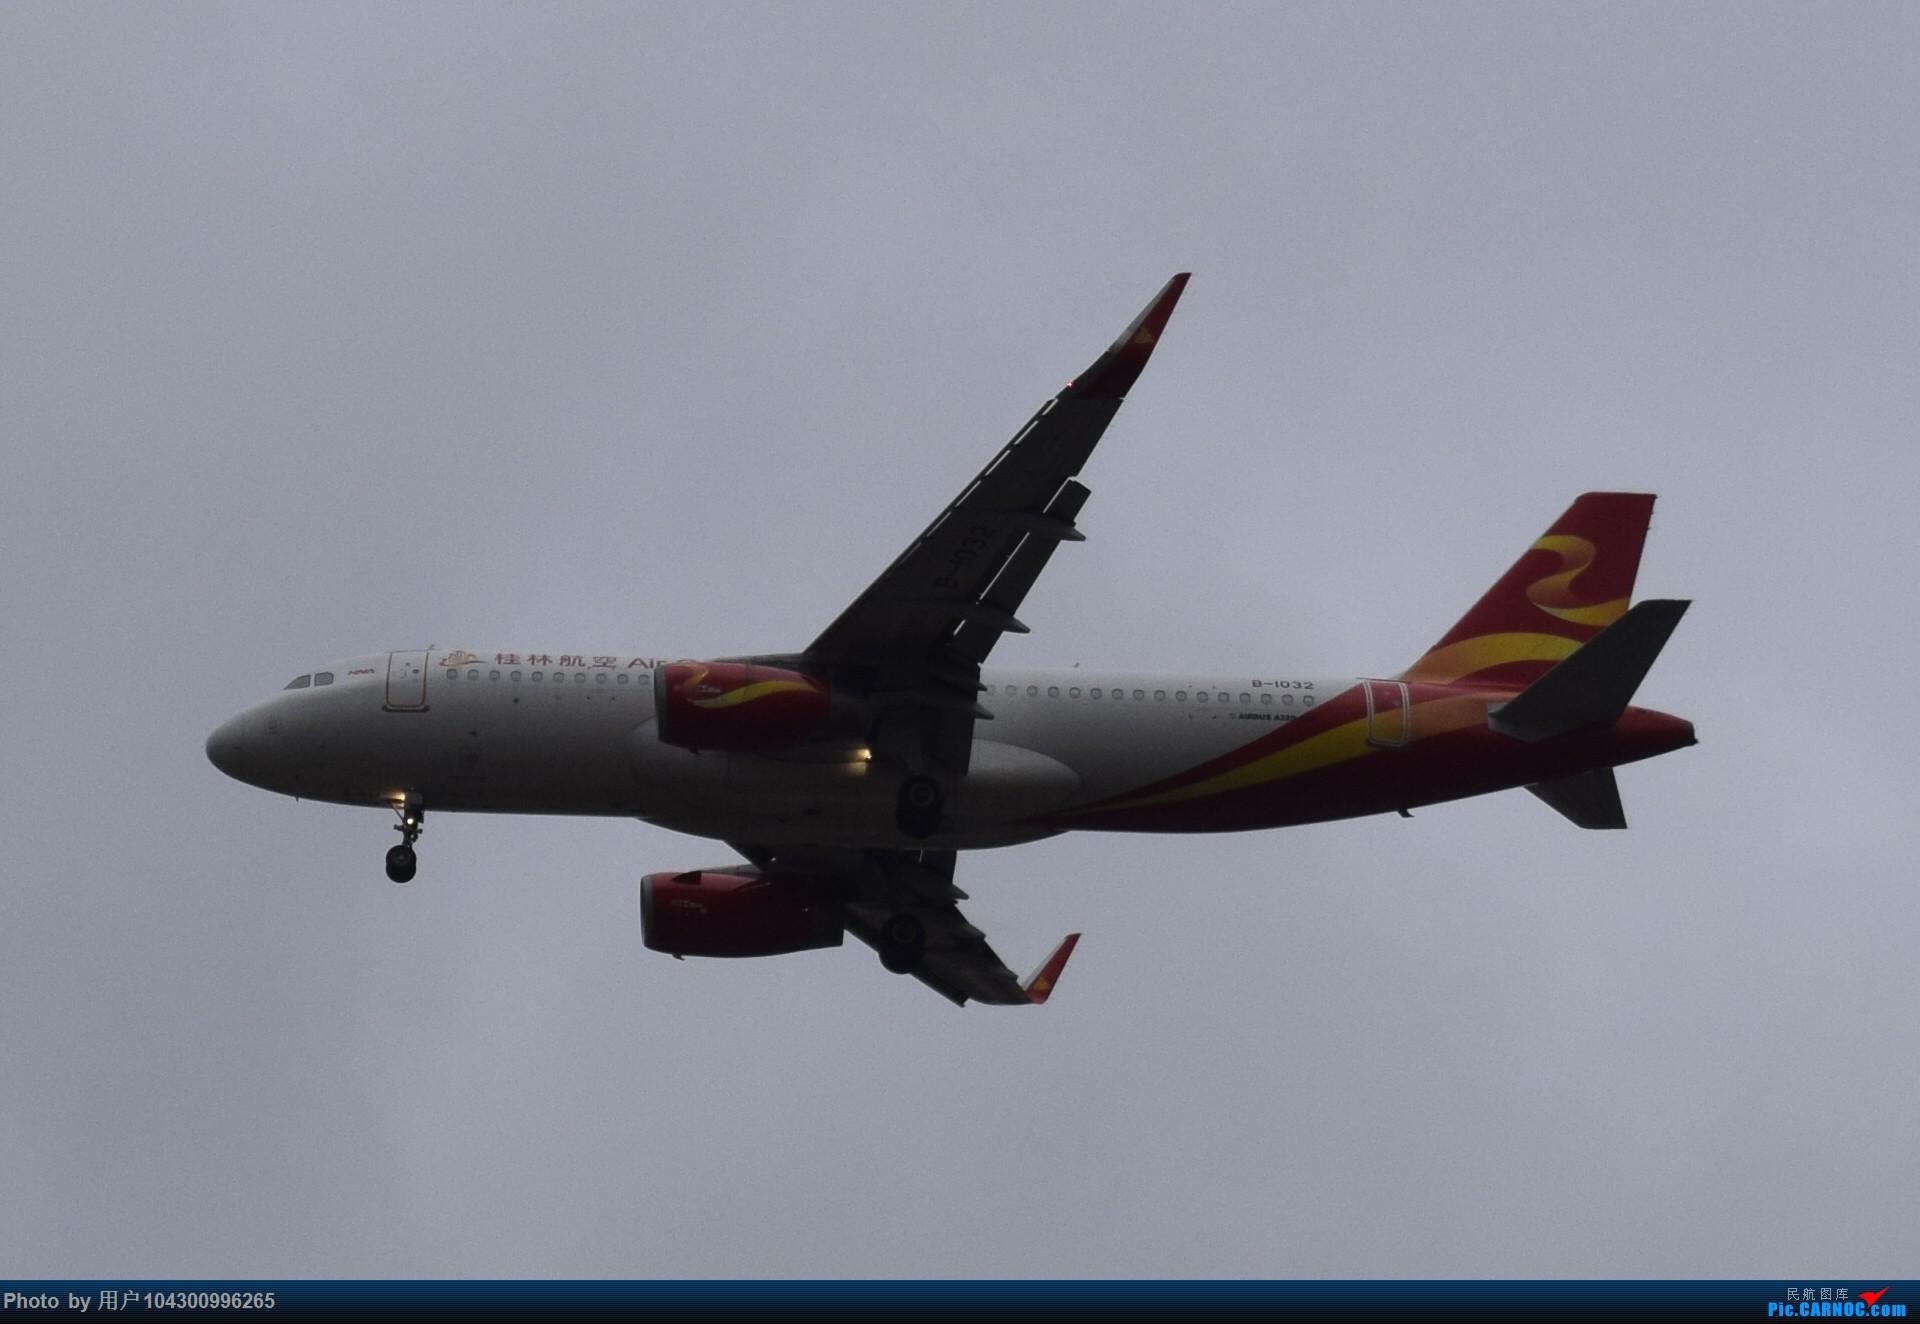 Re:[原创]乌云、雨雾之中的贵阳龙洞堡 AIRBUS A320-200 B-1032 中国贵阳龙洞堡国际机场